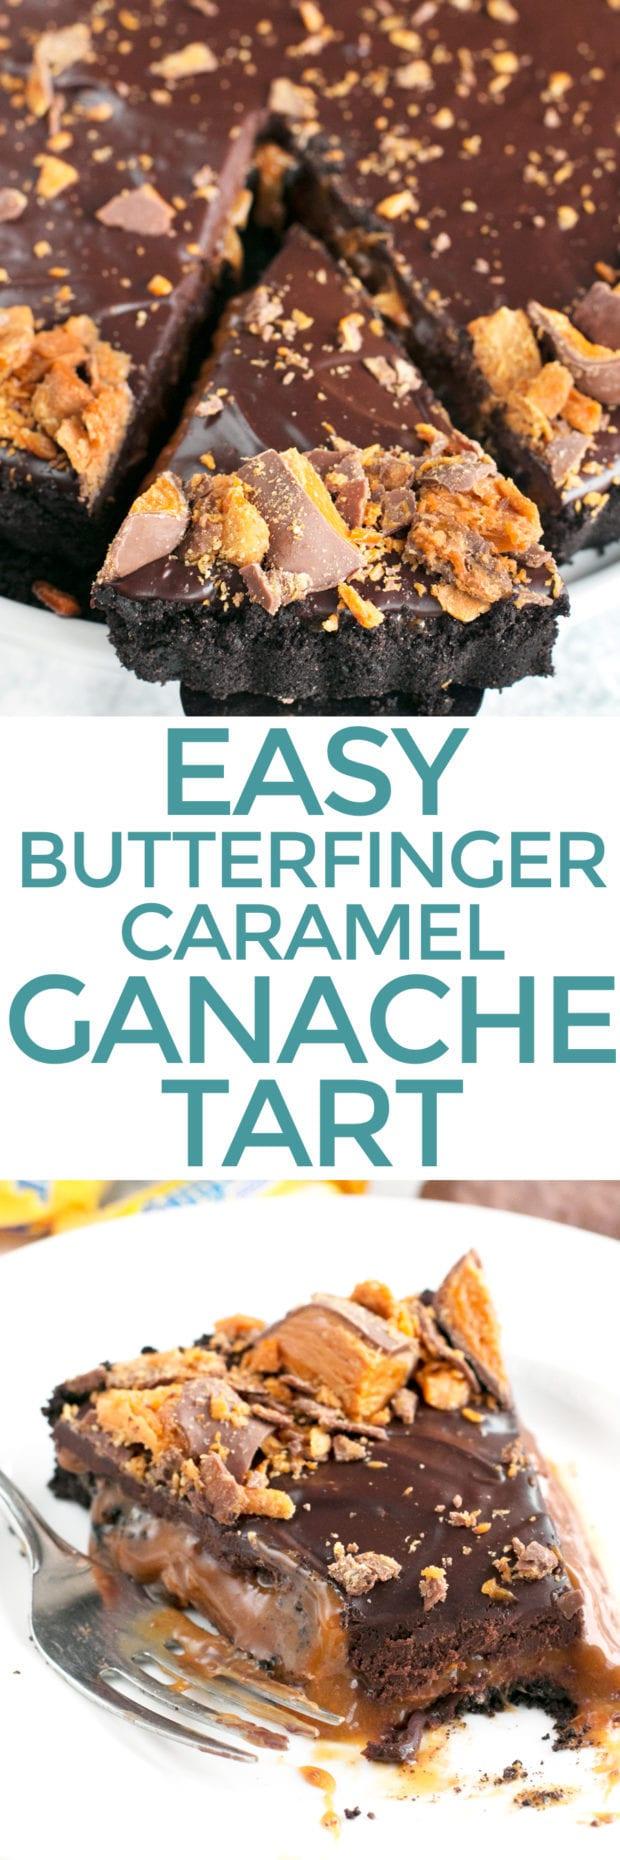 Easy Butterfinger Caramel Ganache Tart